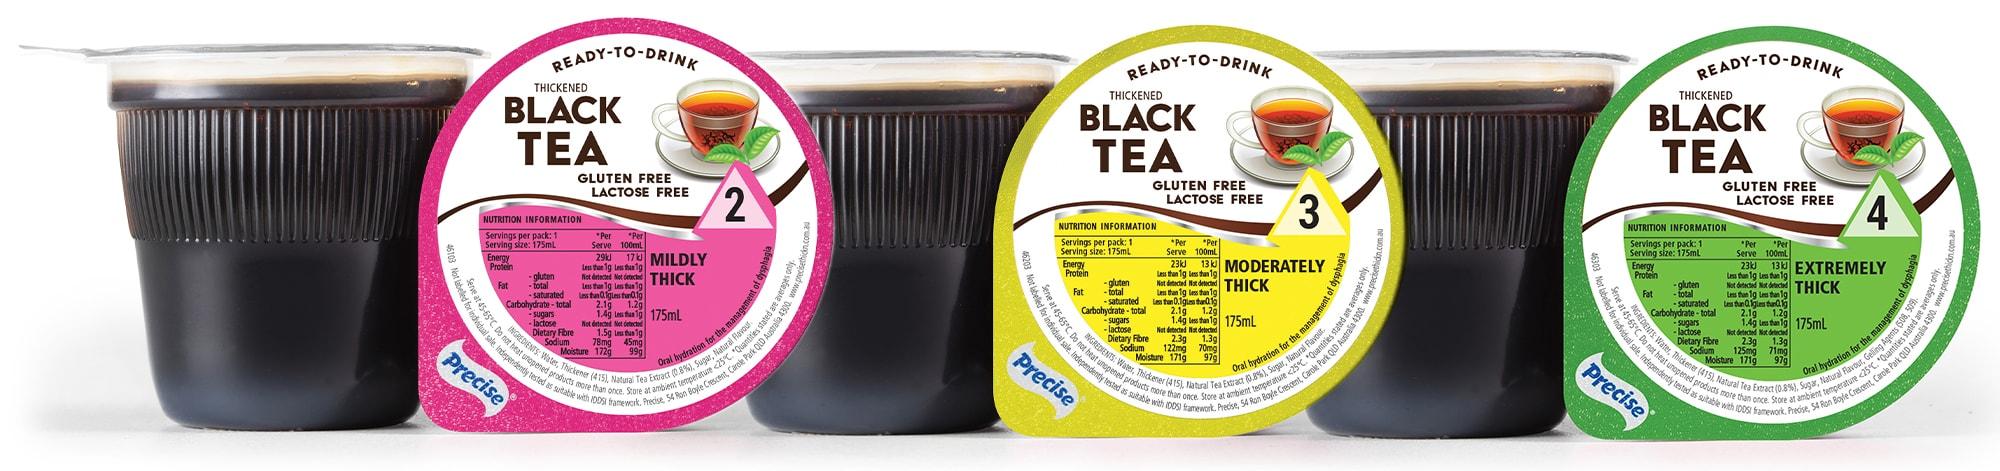 RTD Black Tea